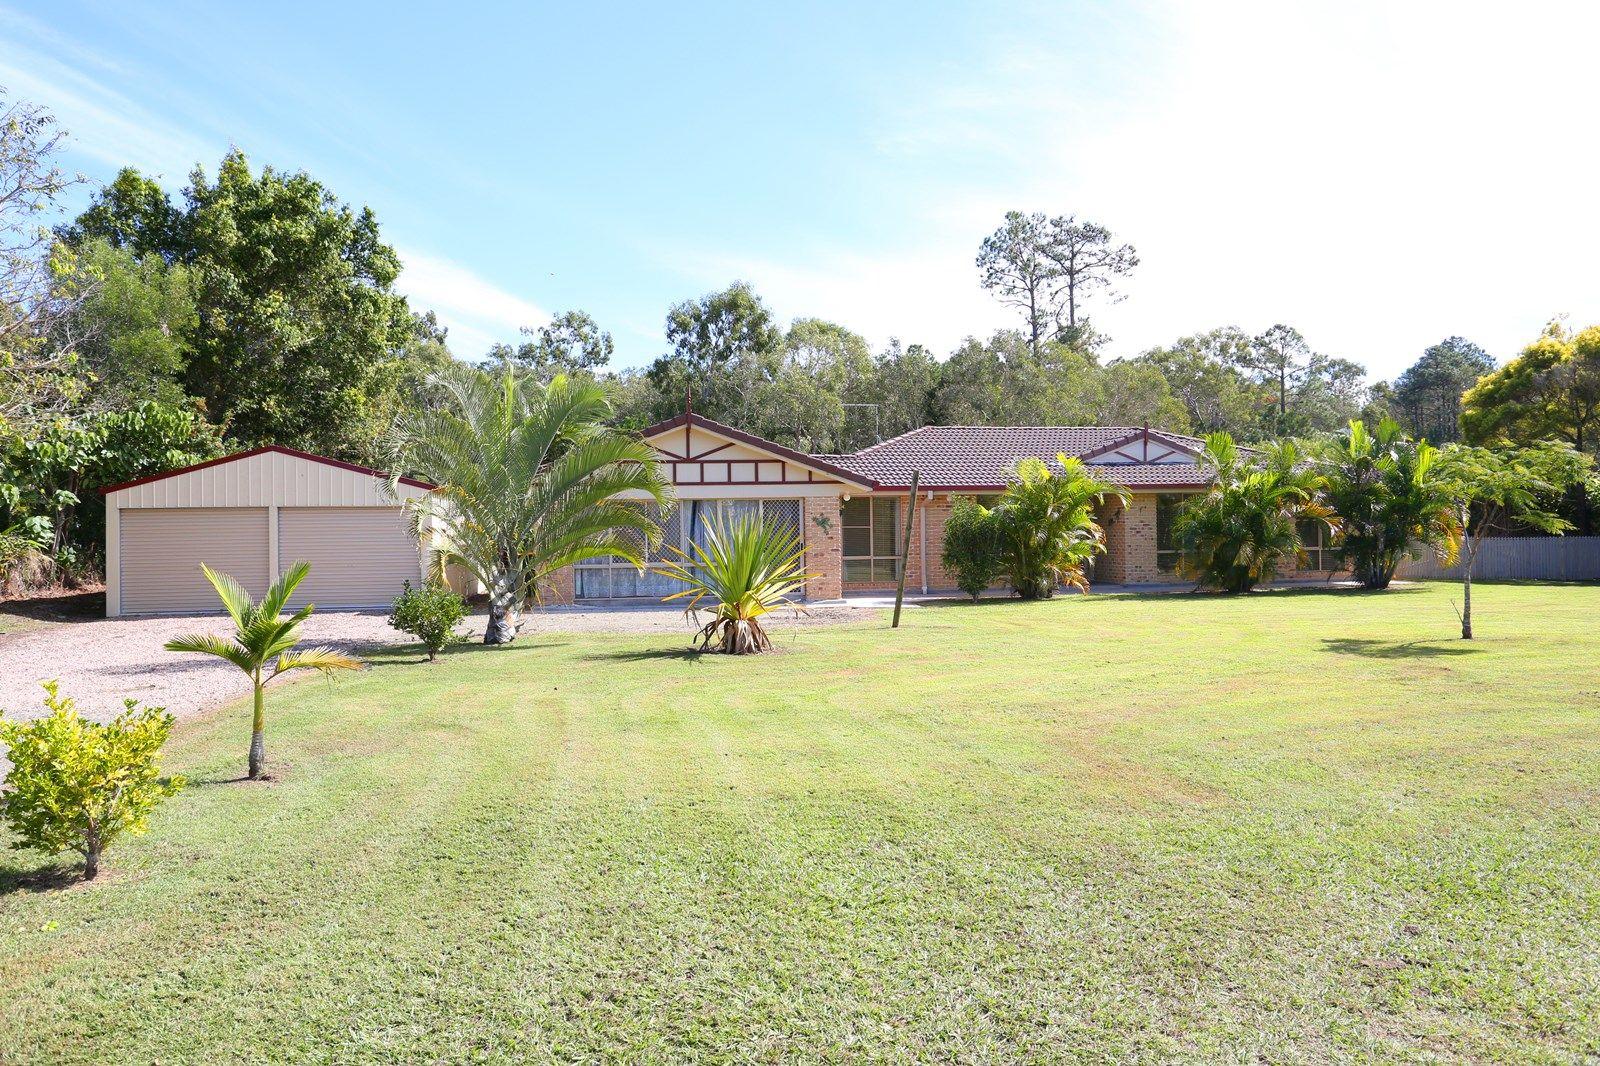 54-56 Bernborough Way, Ningi QLD 4511, Image 1